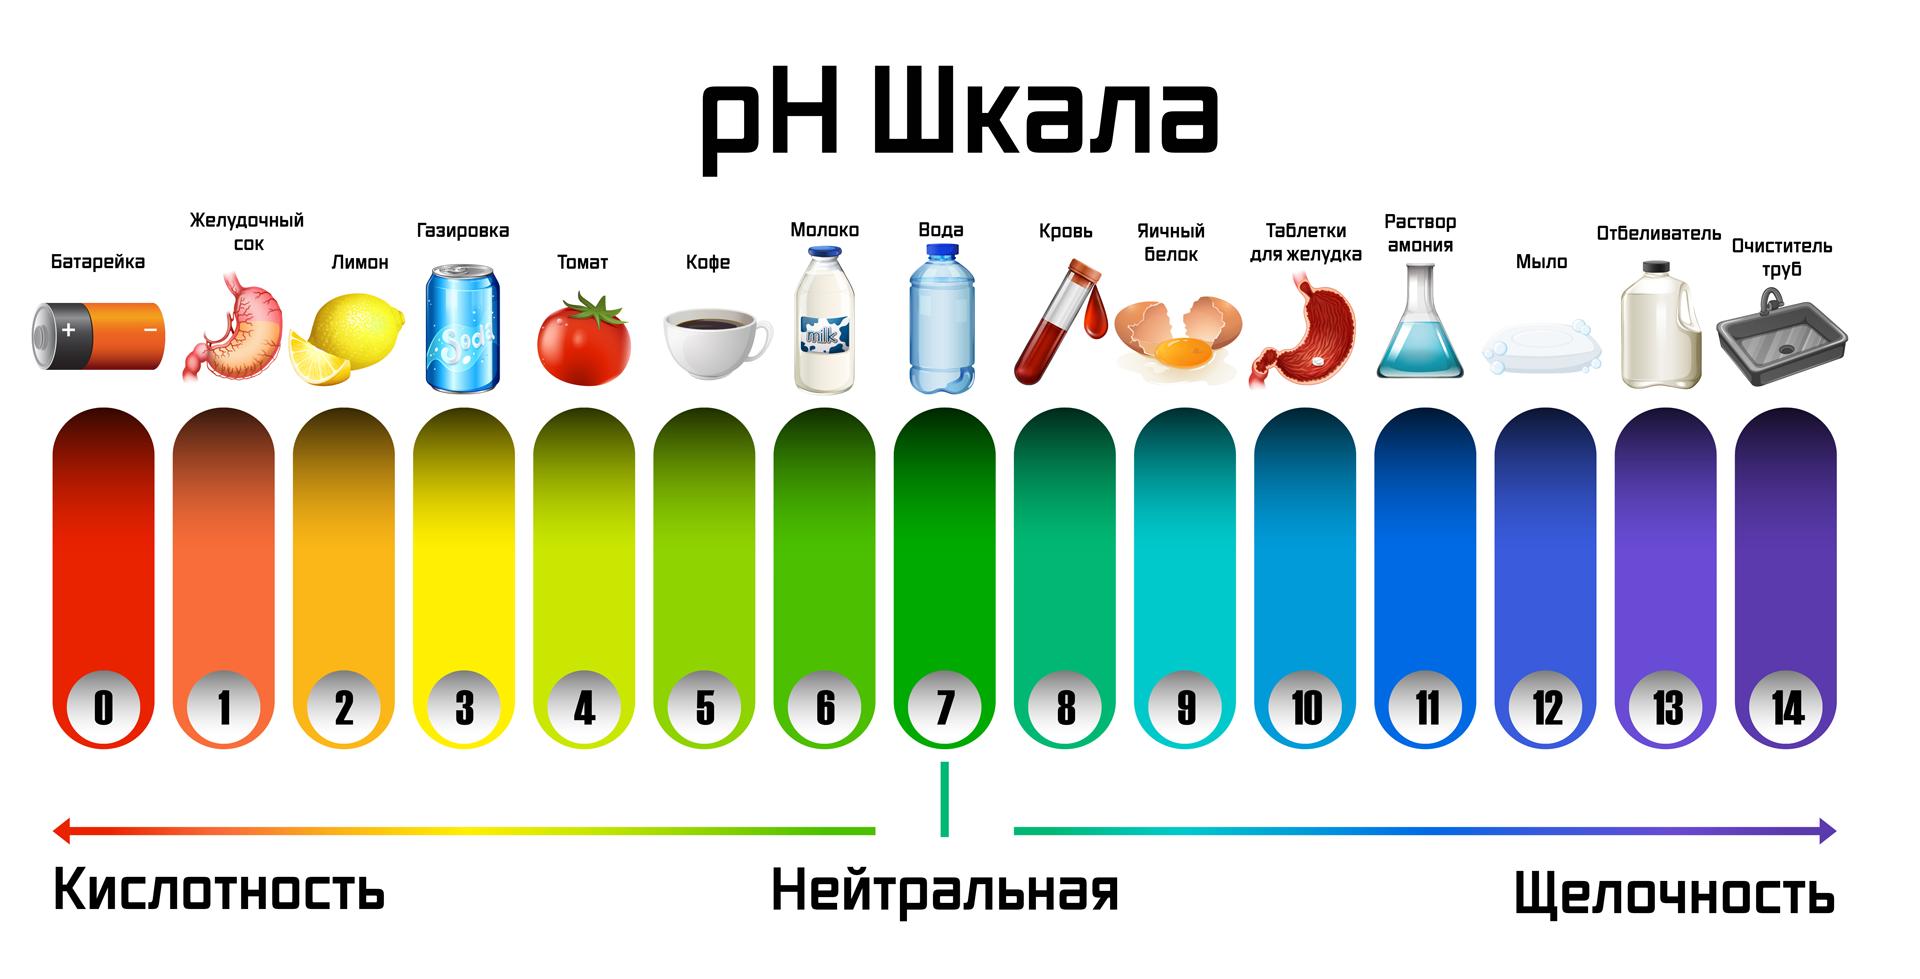 Шкала pH щелочность и кислотность